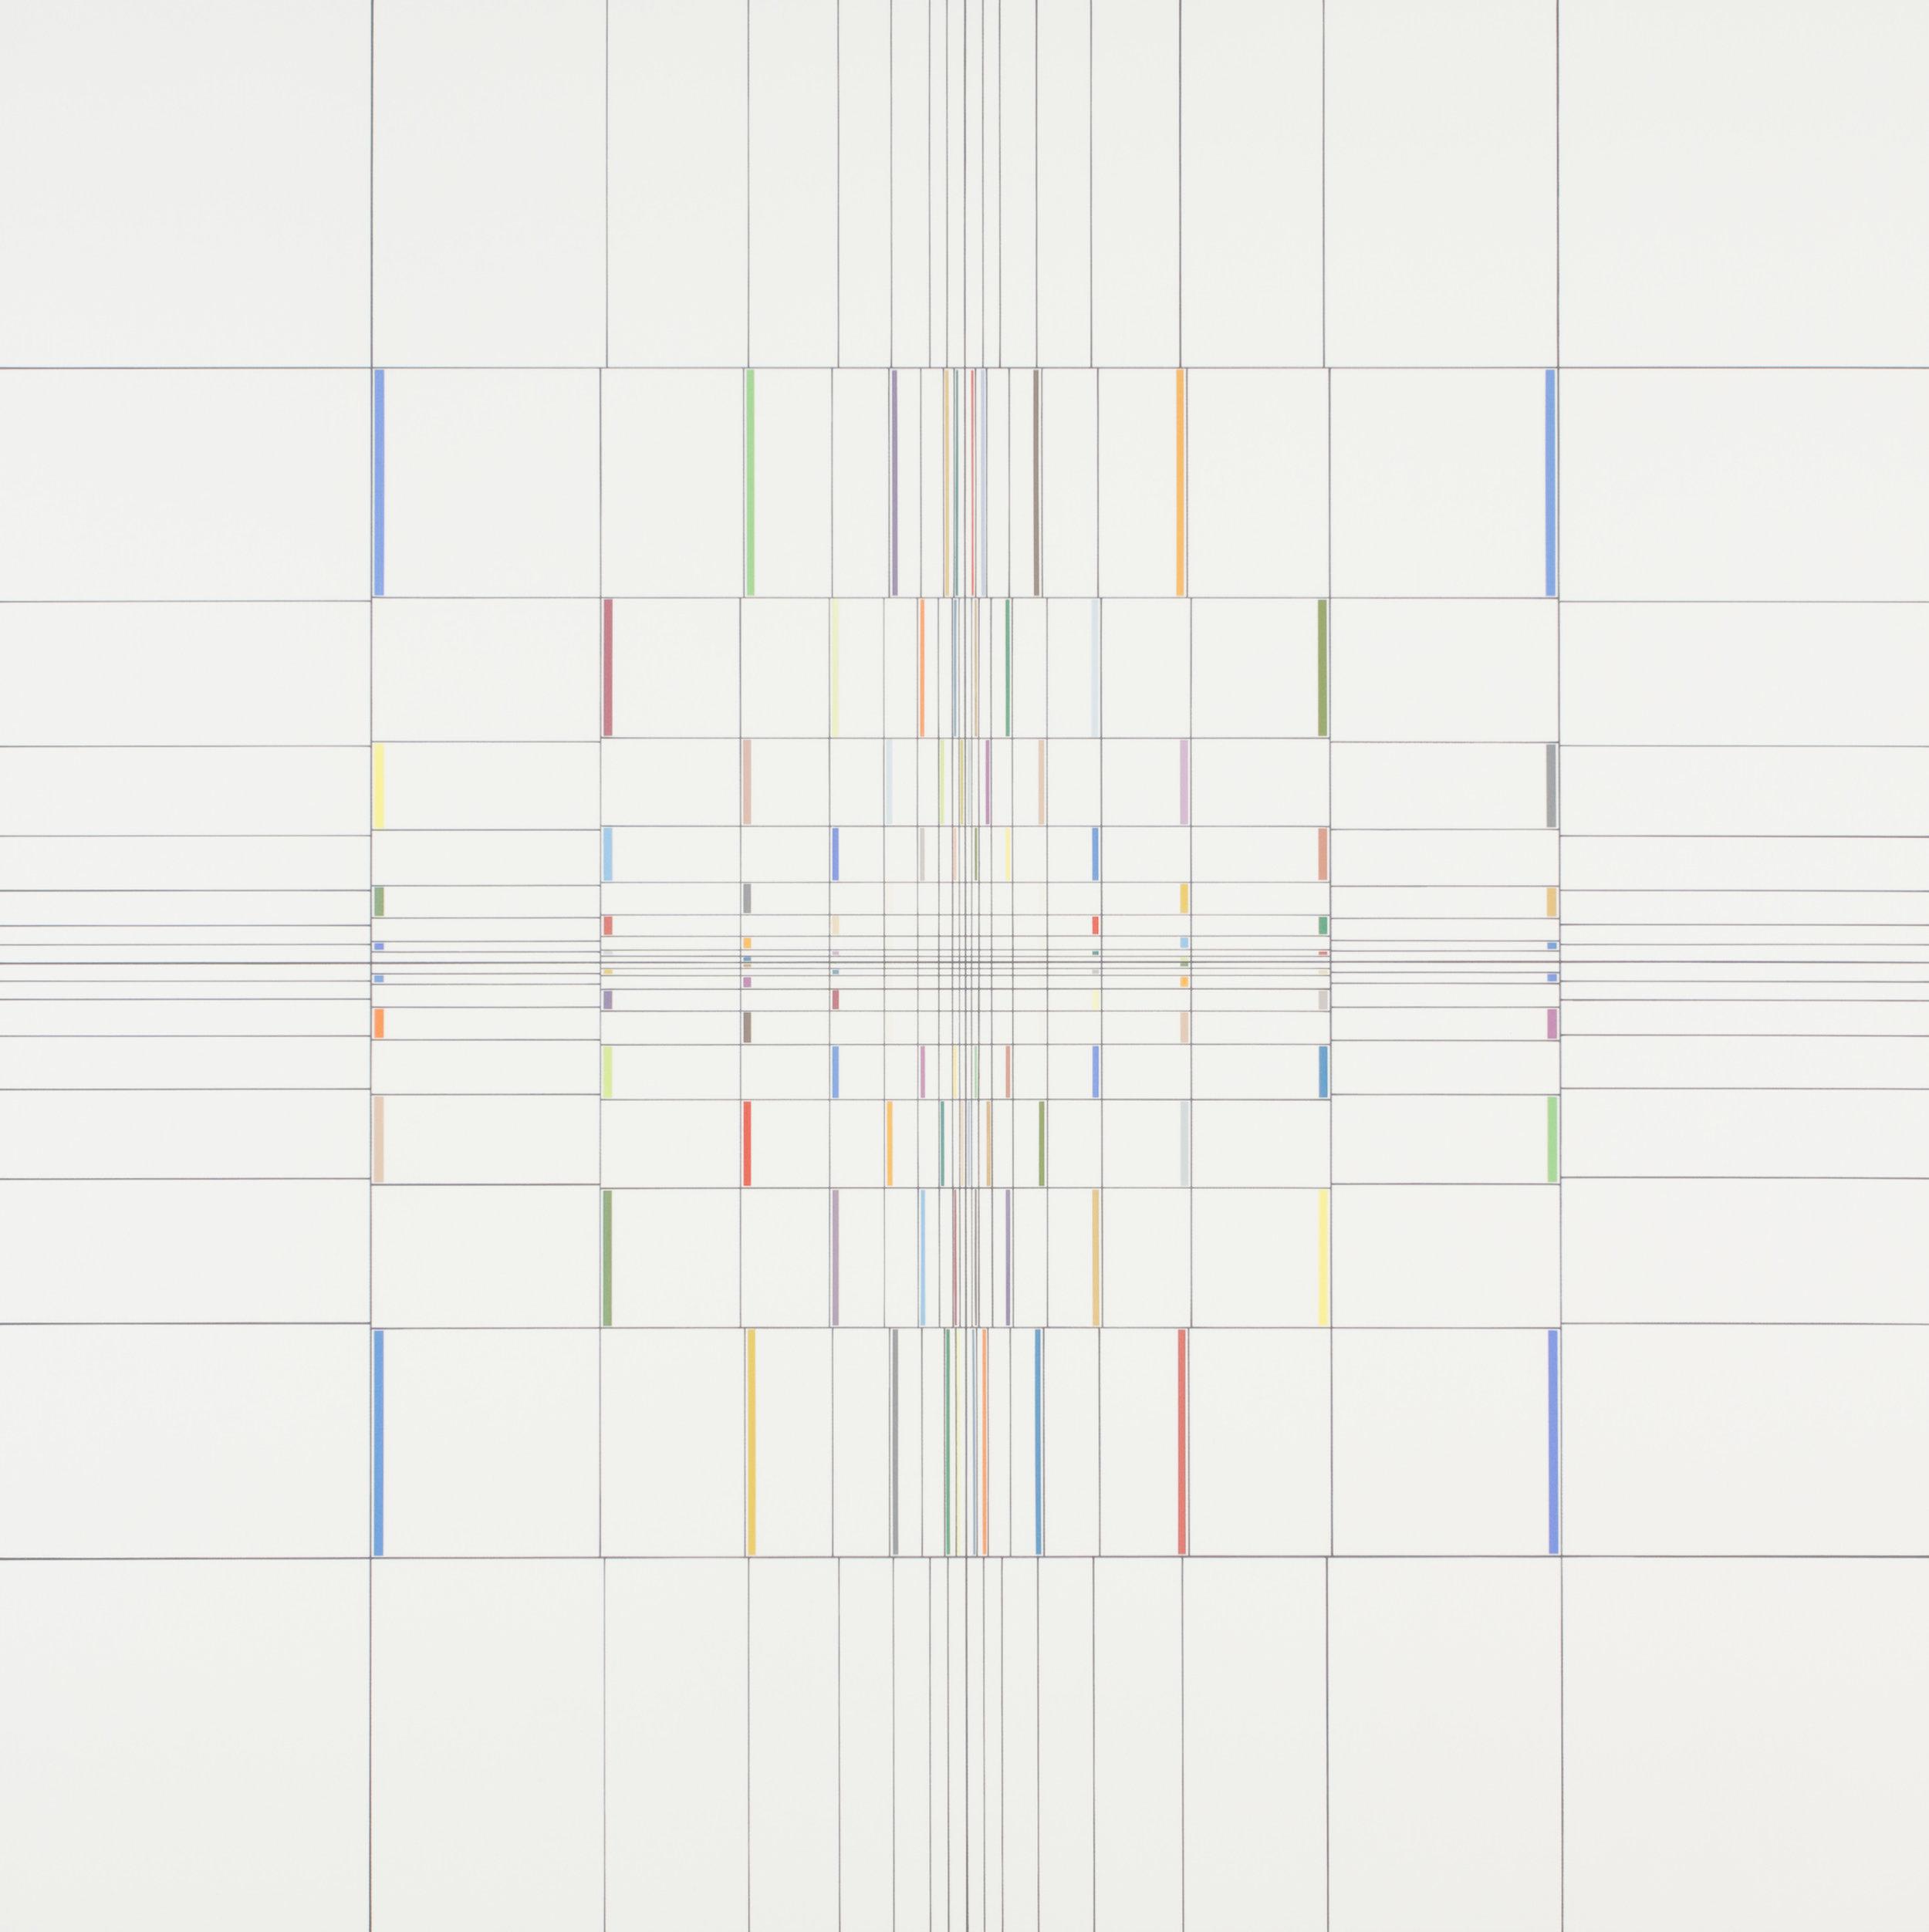 Yantra-ipsum-līlā(2)2013.Sep, acrylic on canvas, 35 7/16 x 35 7/16 in. [90x90cm]